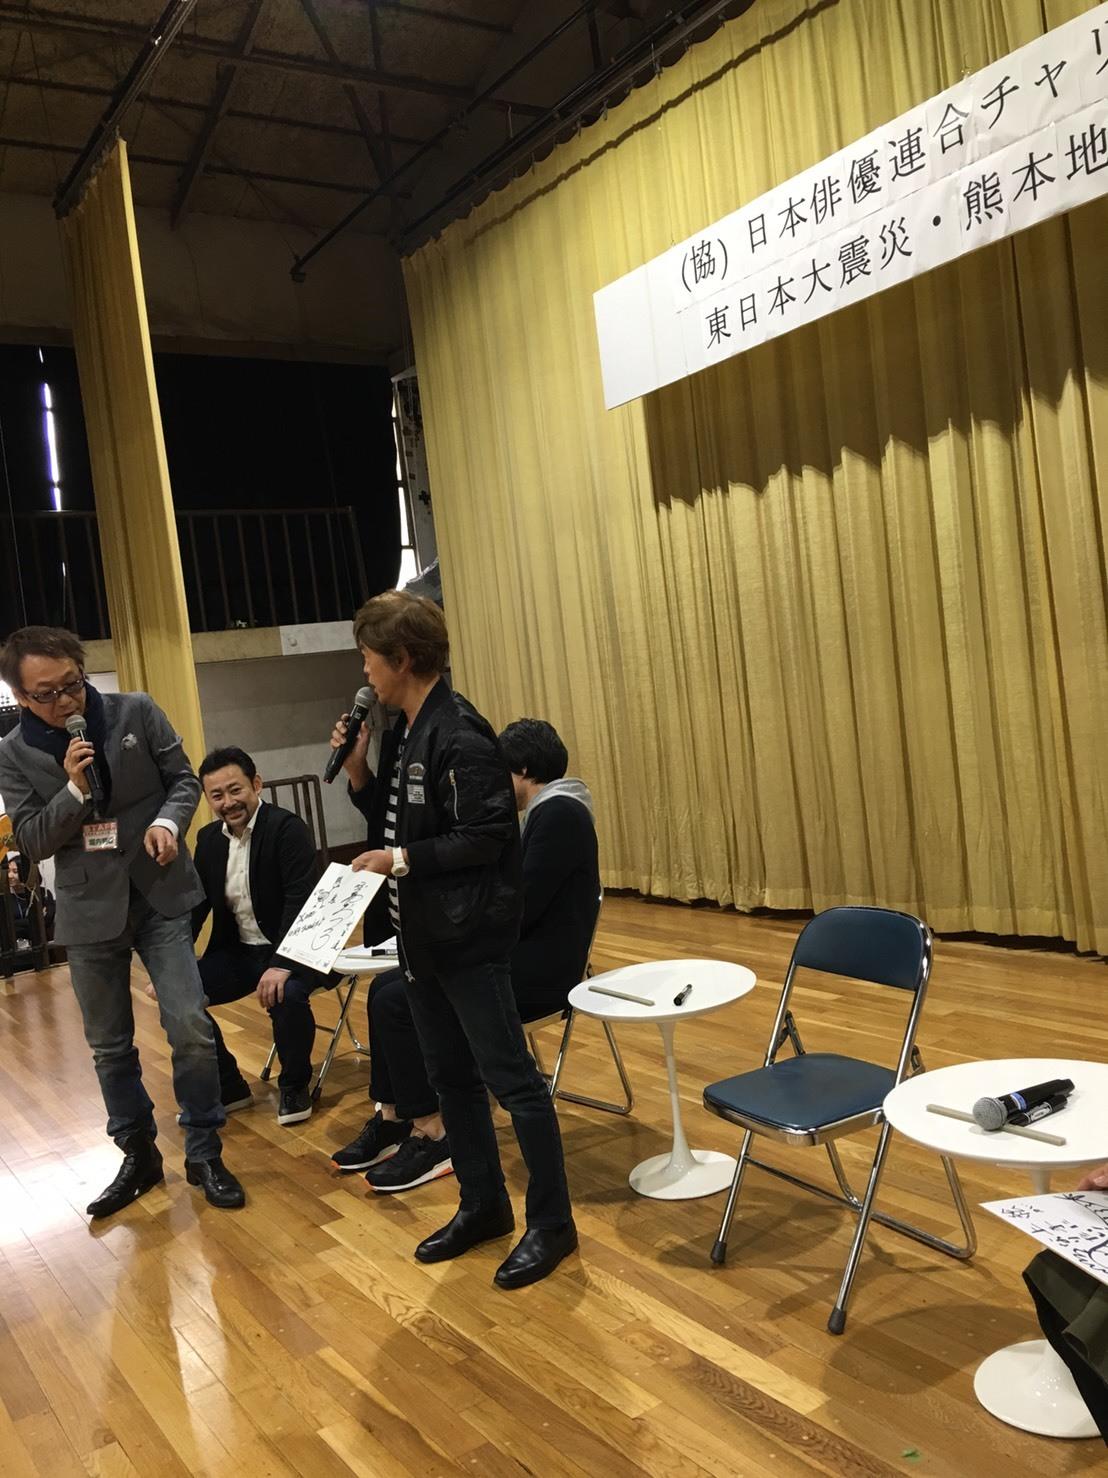 日俳連チャリティーイベント②_a0163623_21005161.jpg